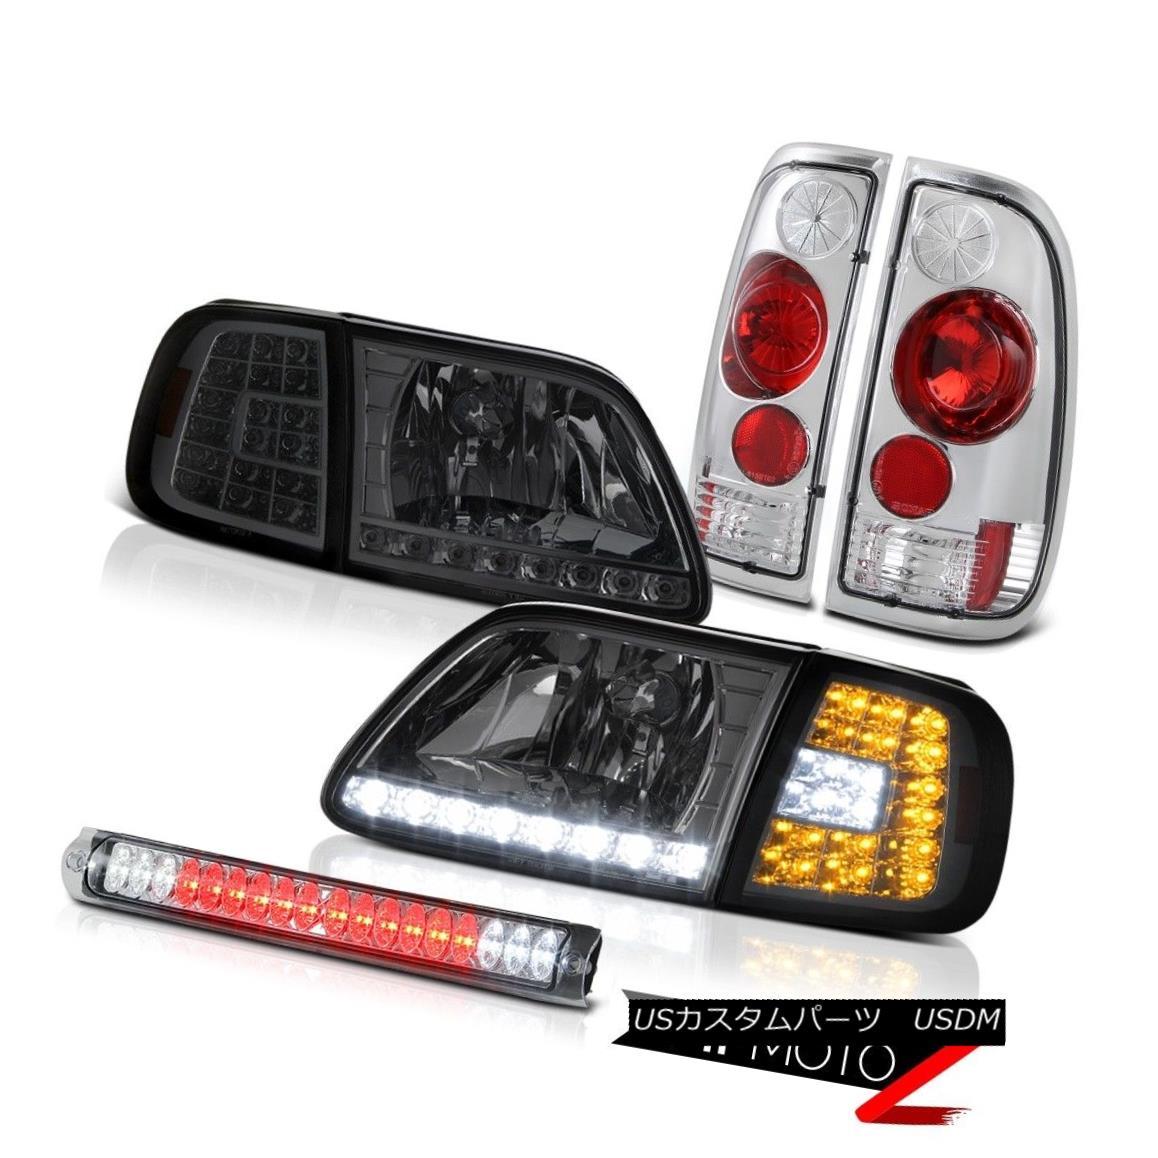 テールライト 1997-2003 F150 XLT Smoke SMD Corner+Headlight Signal Brake Lights Chrome 3rd LED 1997-2003 F150 XLTスモークSMDコーナー+ヘッドリグ ht信号ブレーキライトクローム第3 LED